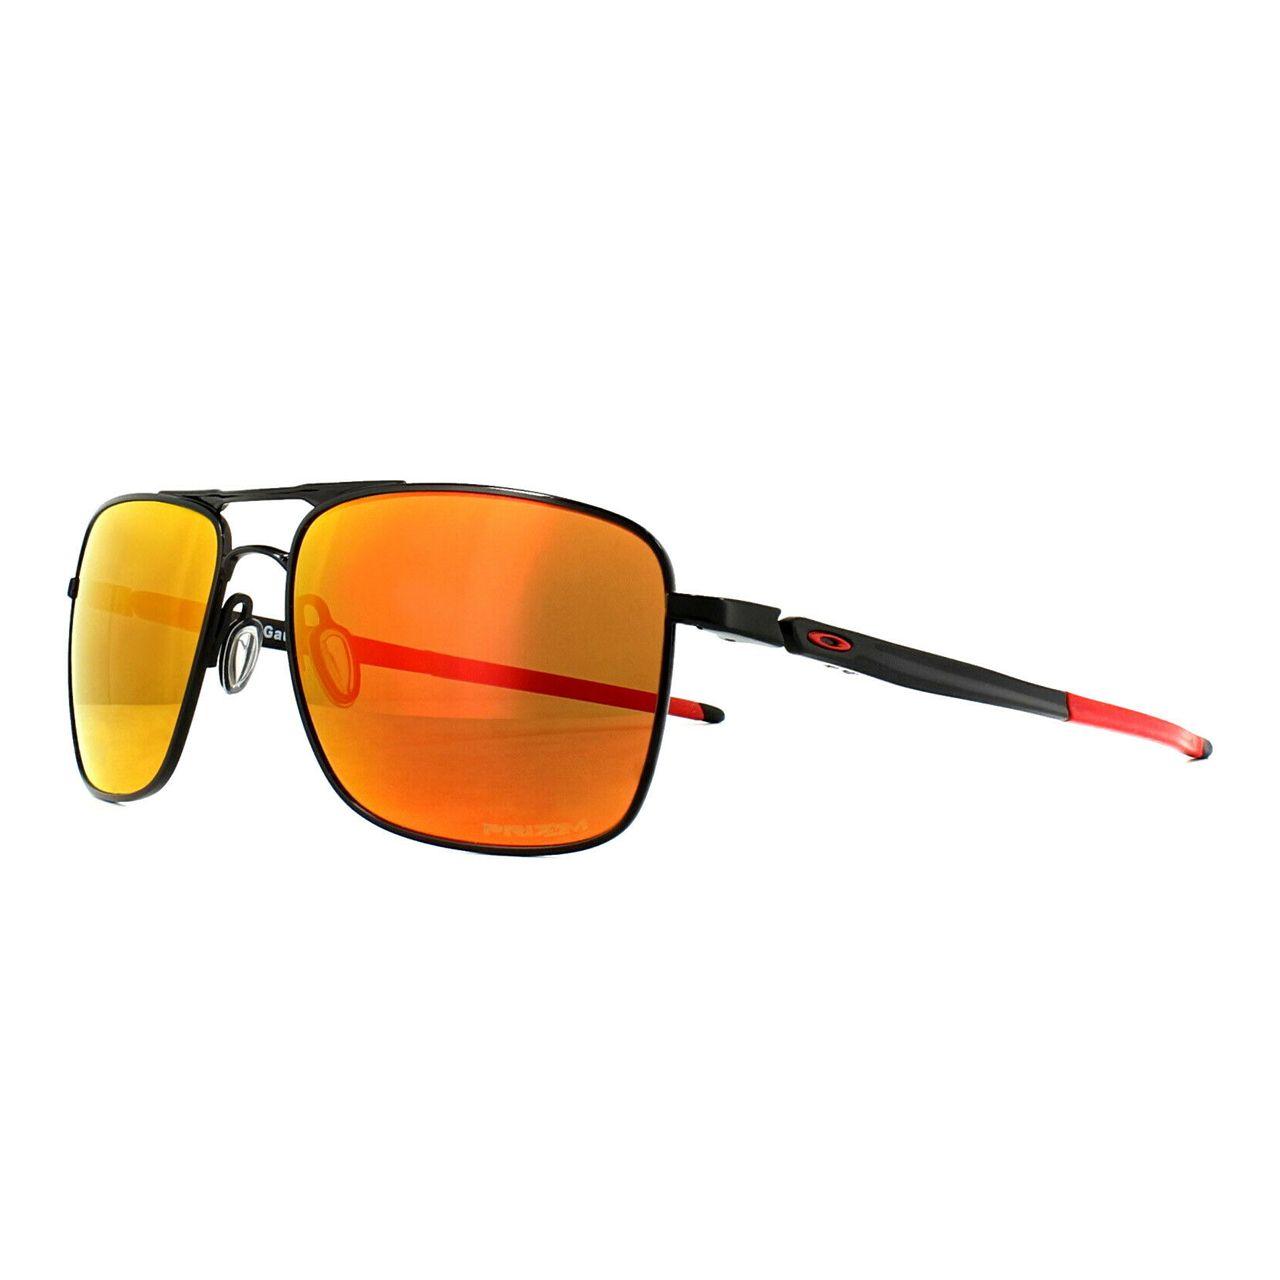 عینک آفتابی اوکلی مدل Gauge 6 کد OO6038-0457 -  - 3